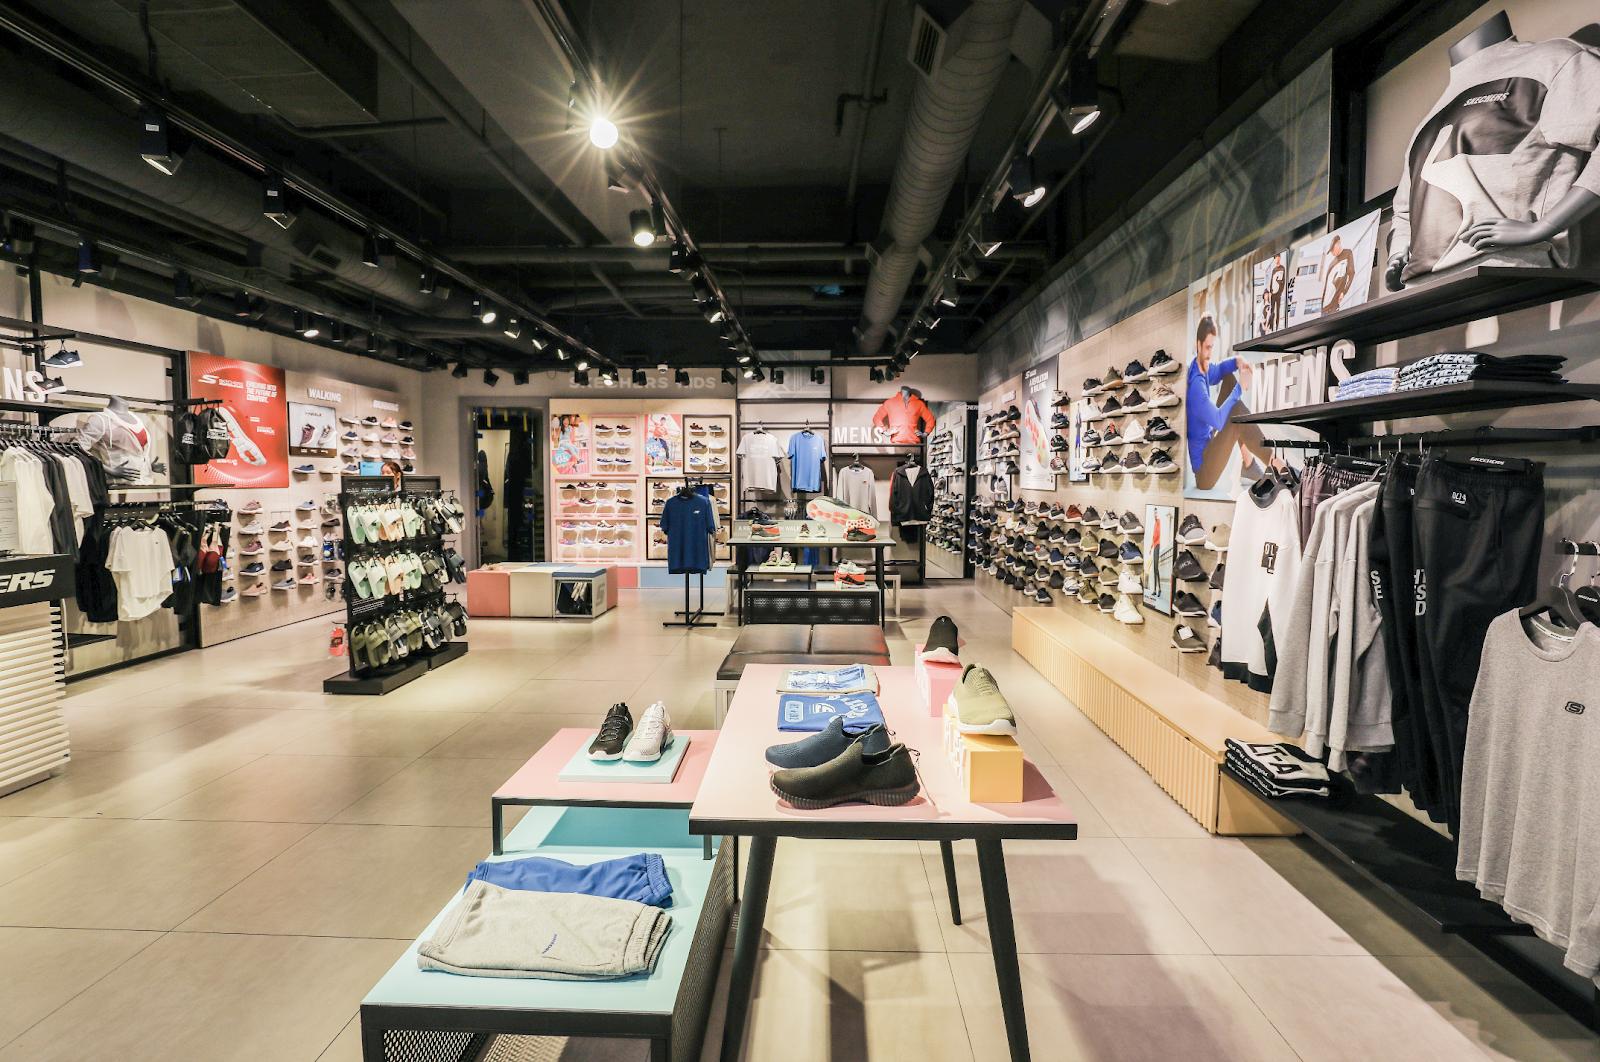 Bất ngờ kép từ Skechers: Karik trở thành đại sứ thương hiệu, chính thức khai trương Flagship Store tại Việt Nam - Ảnh 10.